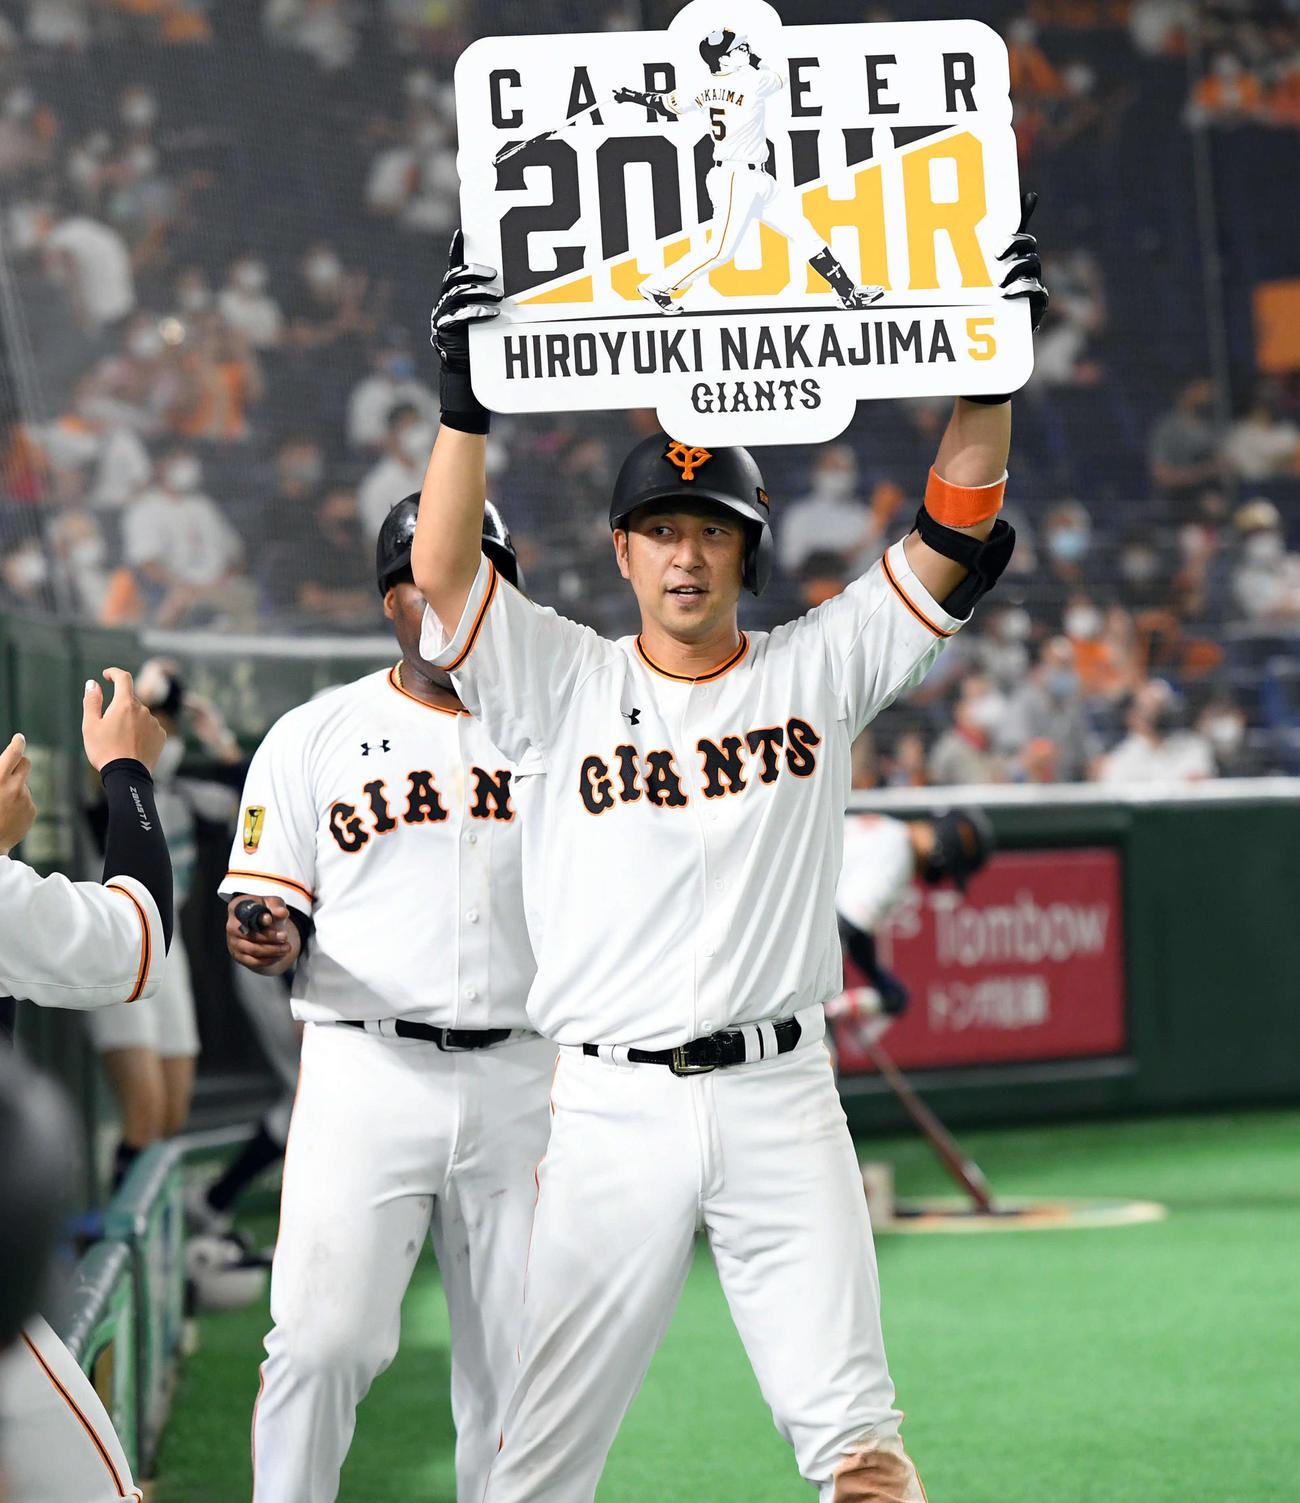 巨人対中日 6回裏巨人1死二、三塁、通算200号本塁打を放ちボードを掲げる中島(撮影・たえ見朱実)